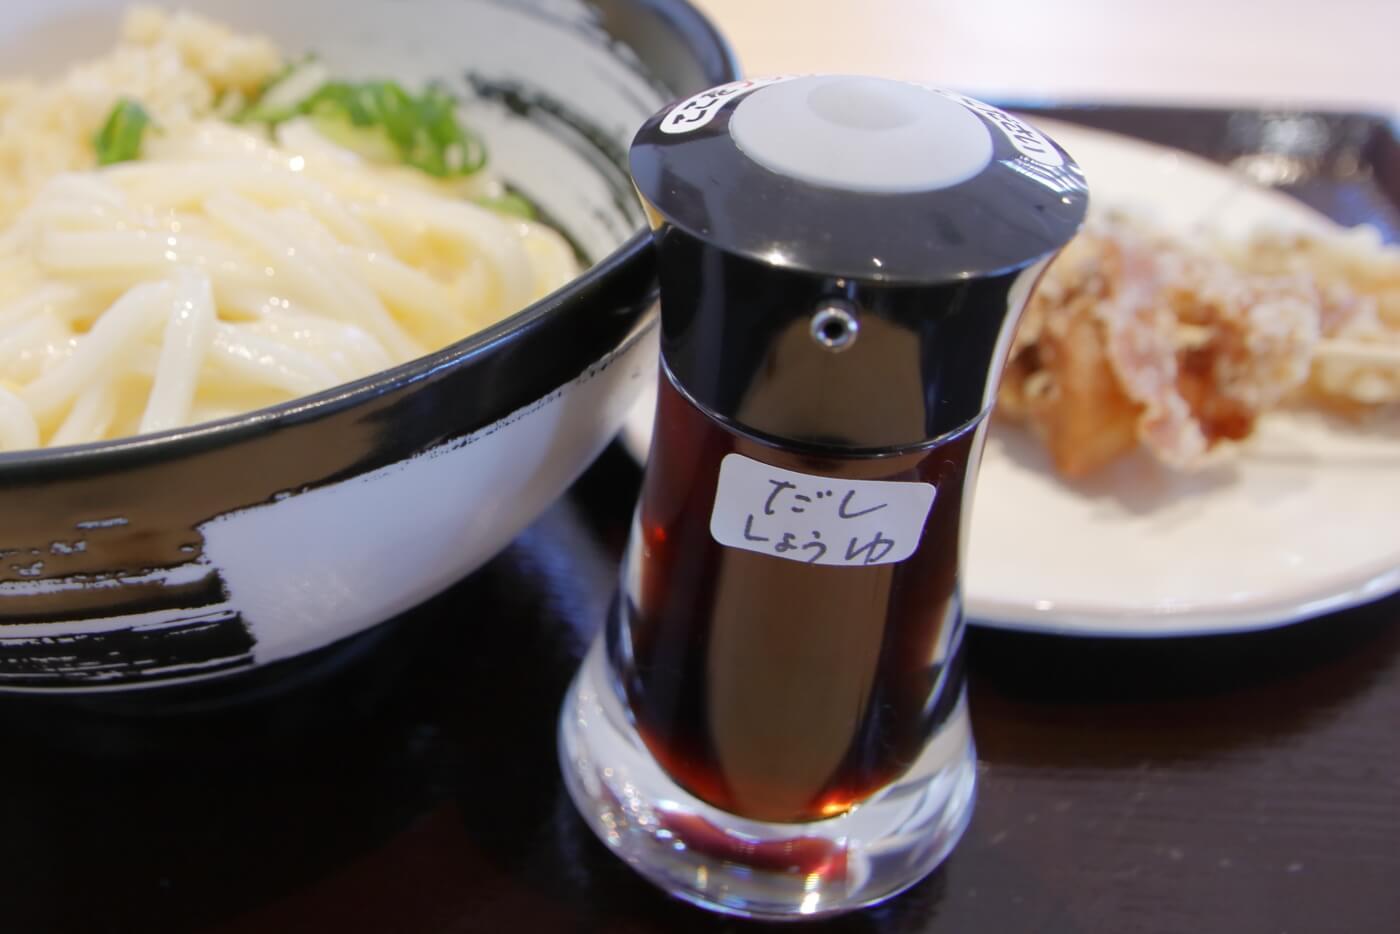 セルフうどんつむぎ 釜玉うどん用の出汁醤油